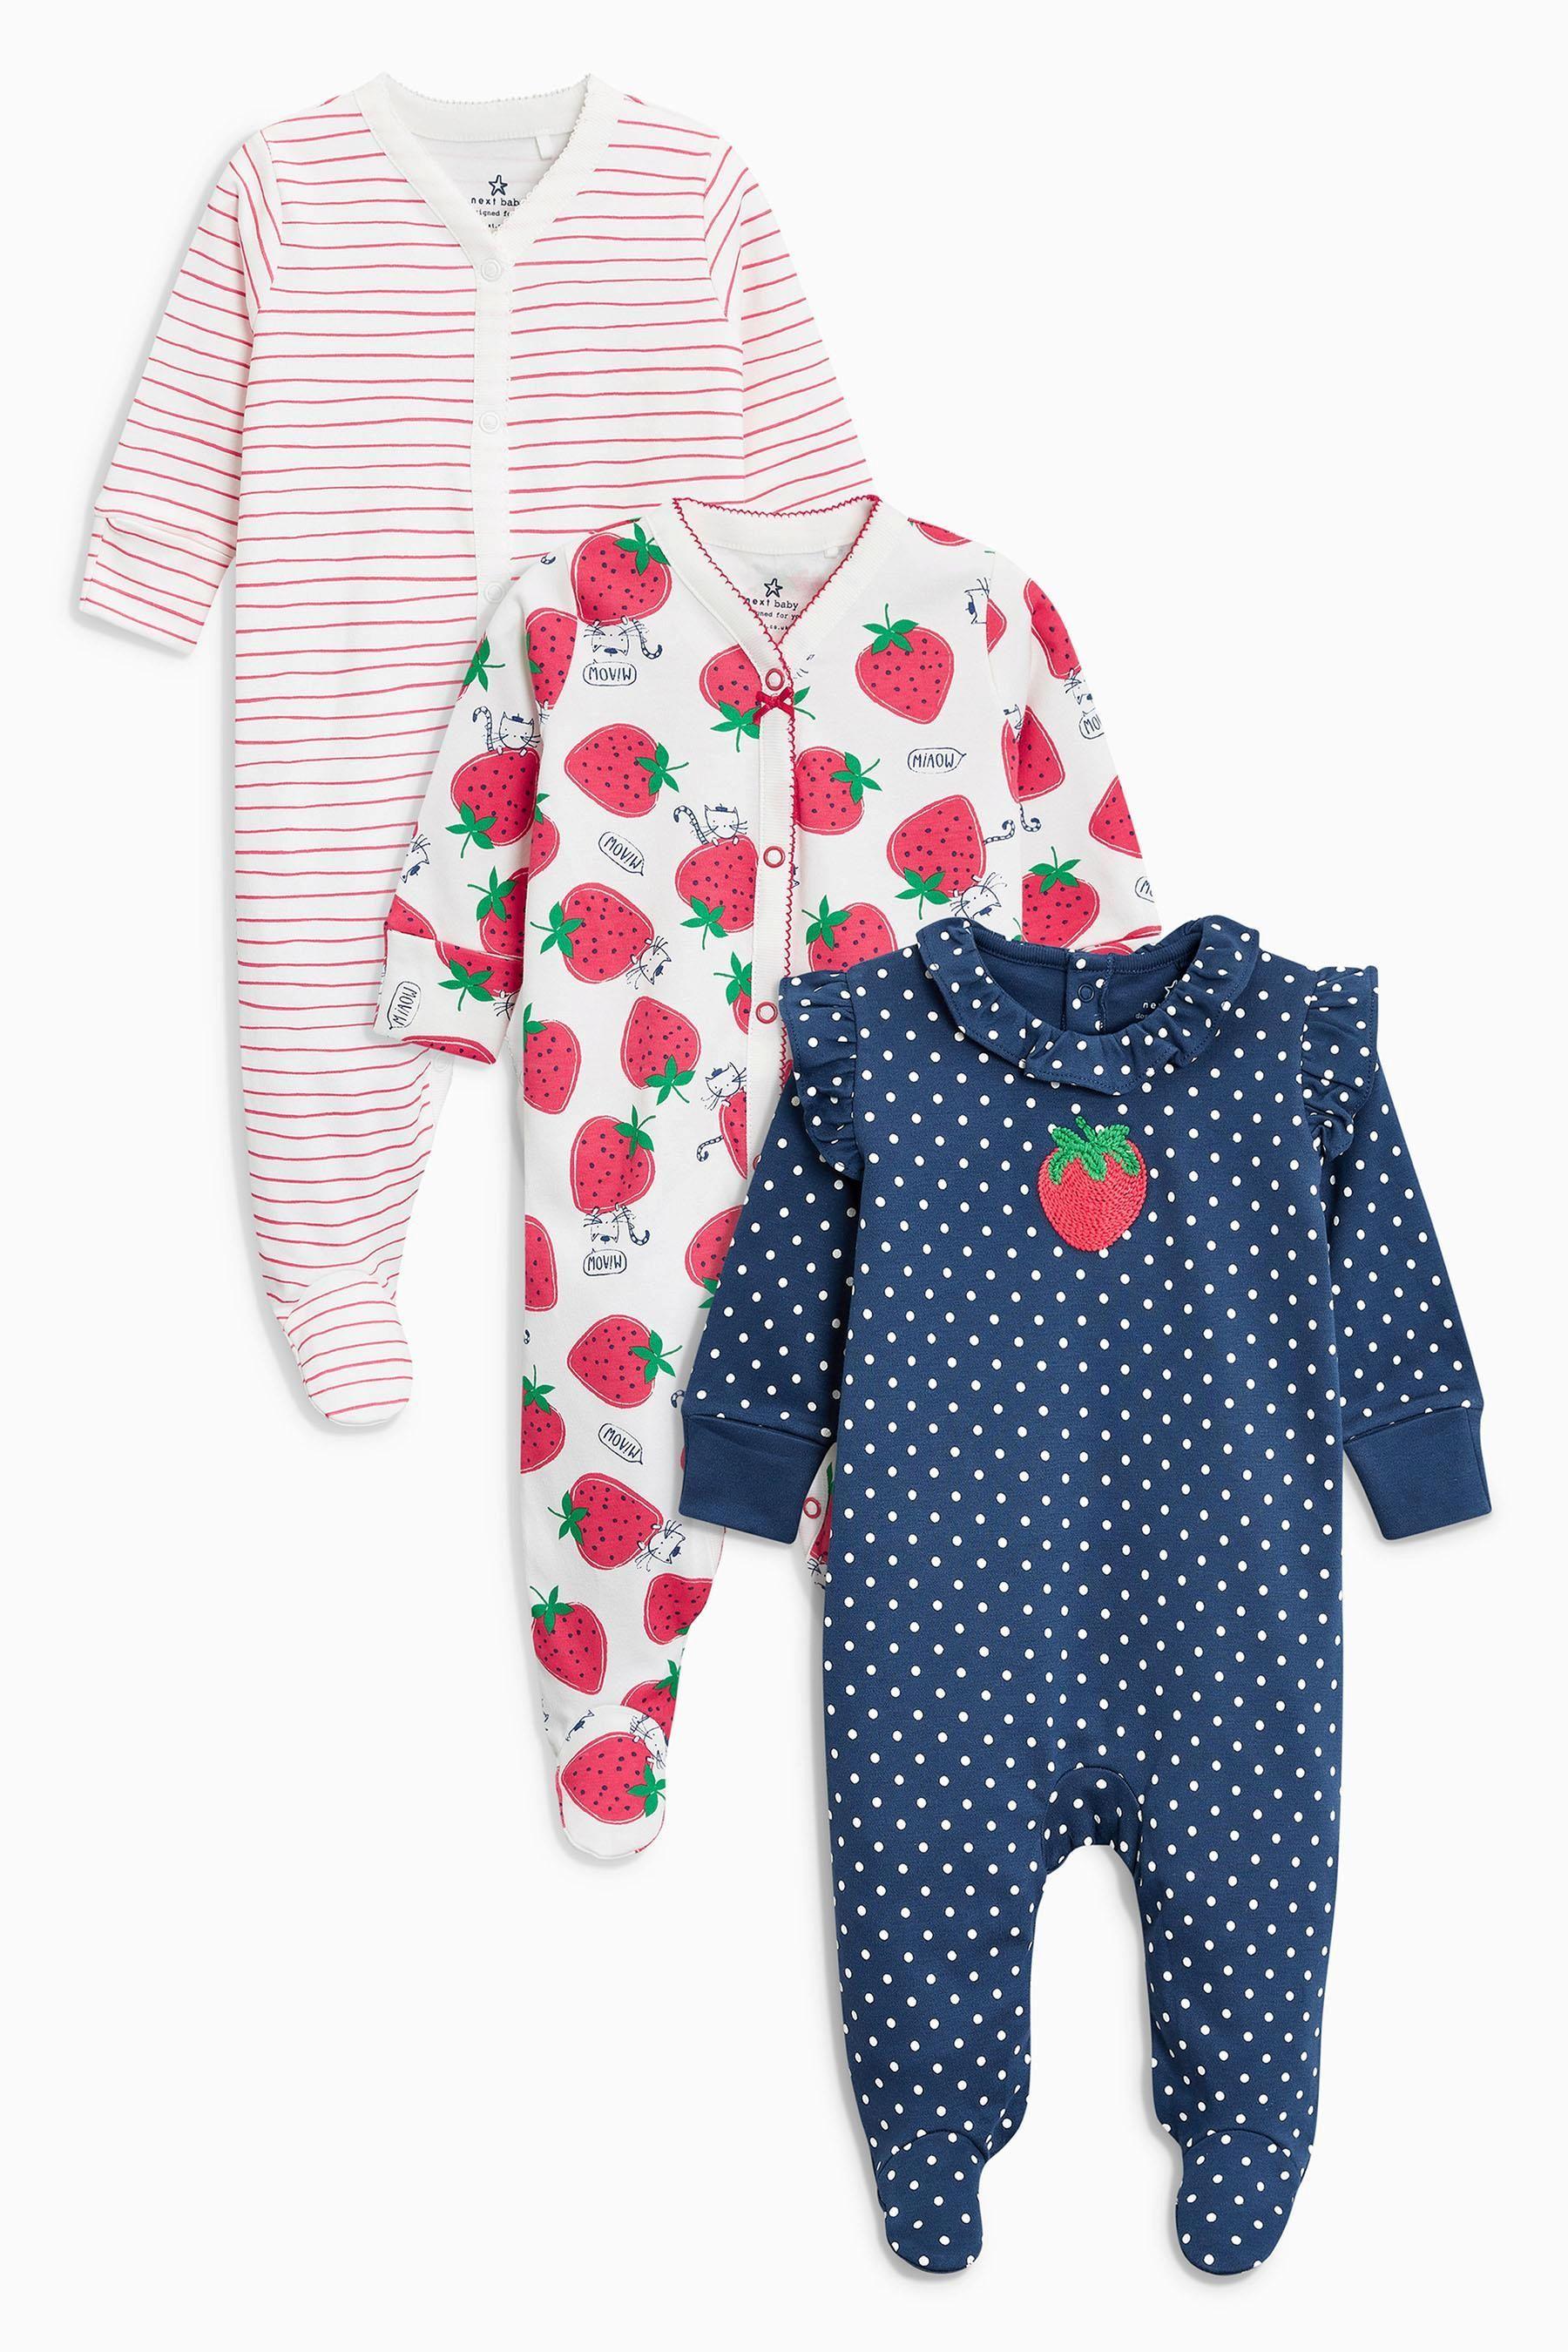 bffe290c891f5 Acheter Lot de trois dors-bien imprimé fraise bleu marine rouge (0 mois - 2  ans) from Next France